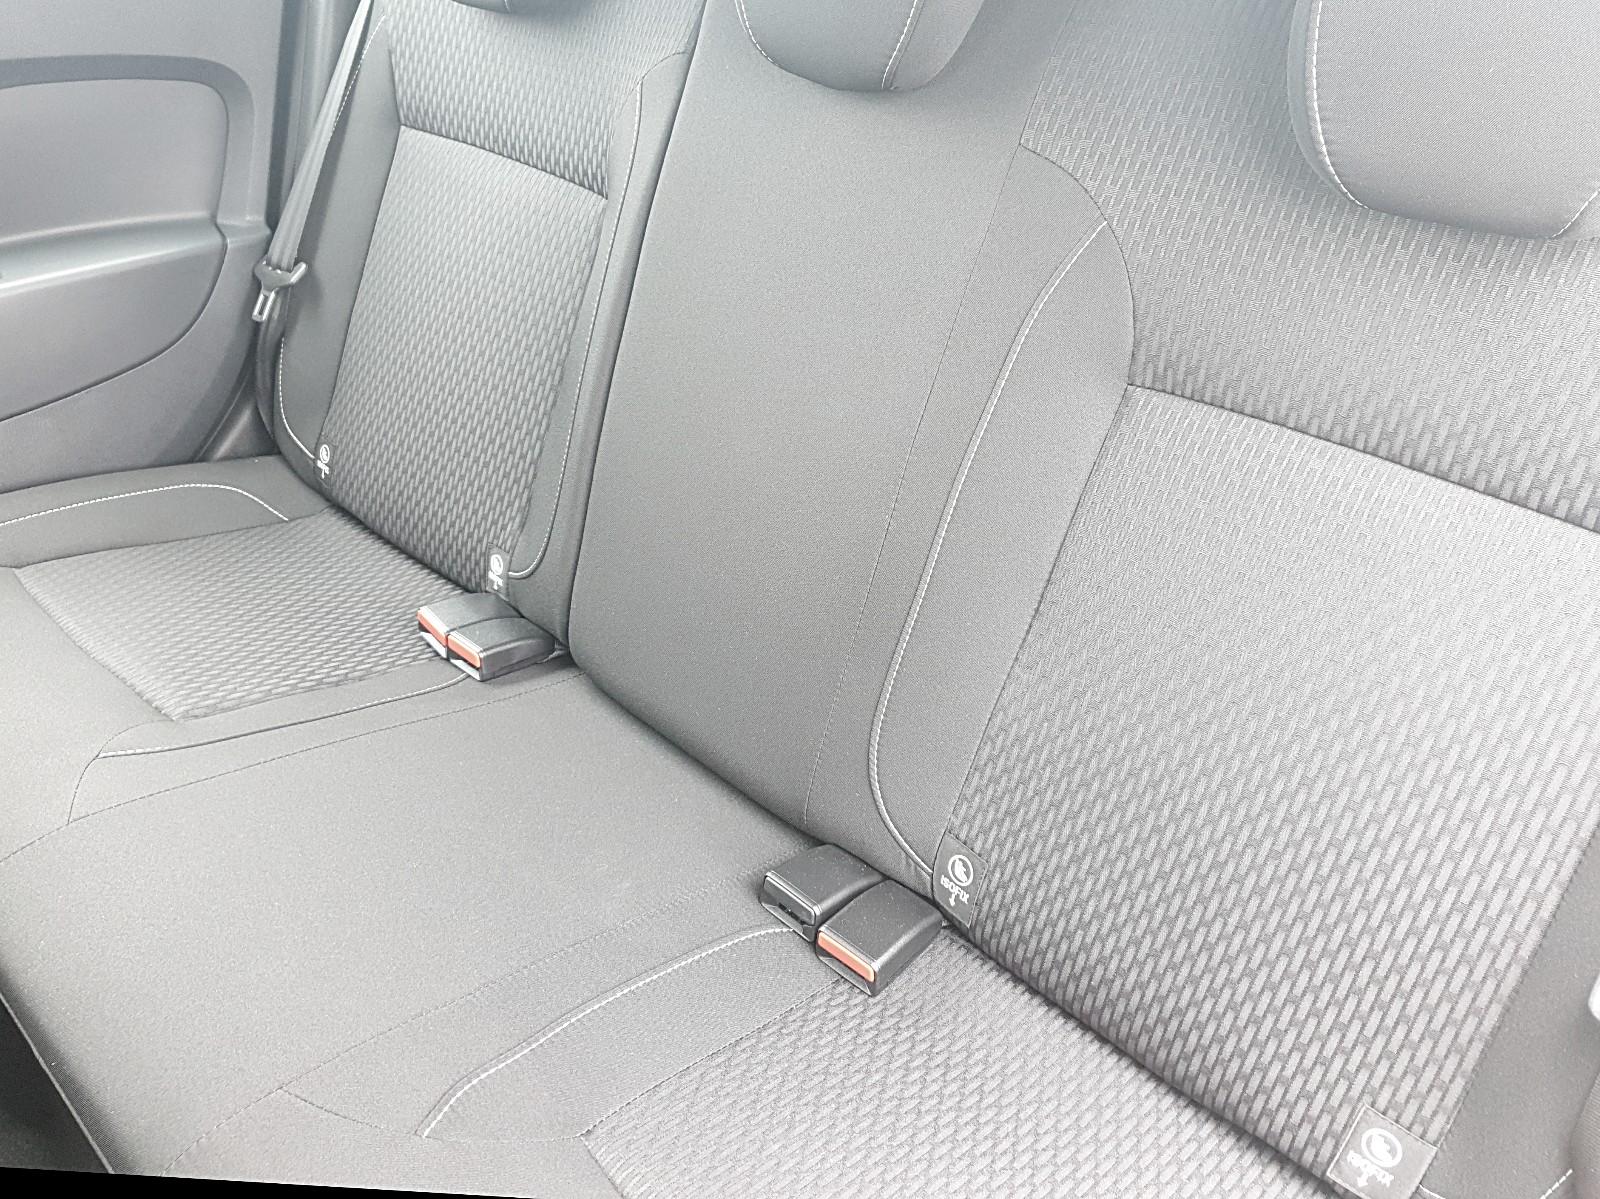 DACIA LOGAN MCV 0.9 TCE 90PS Comfort Klima Tempomat Bluetooth Viscaal Fahrzeuggrosshandel GmbH, D-49847 Itterbeck